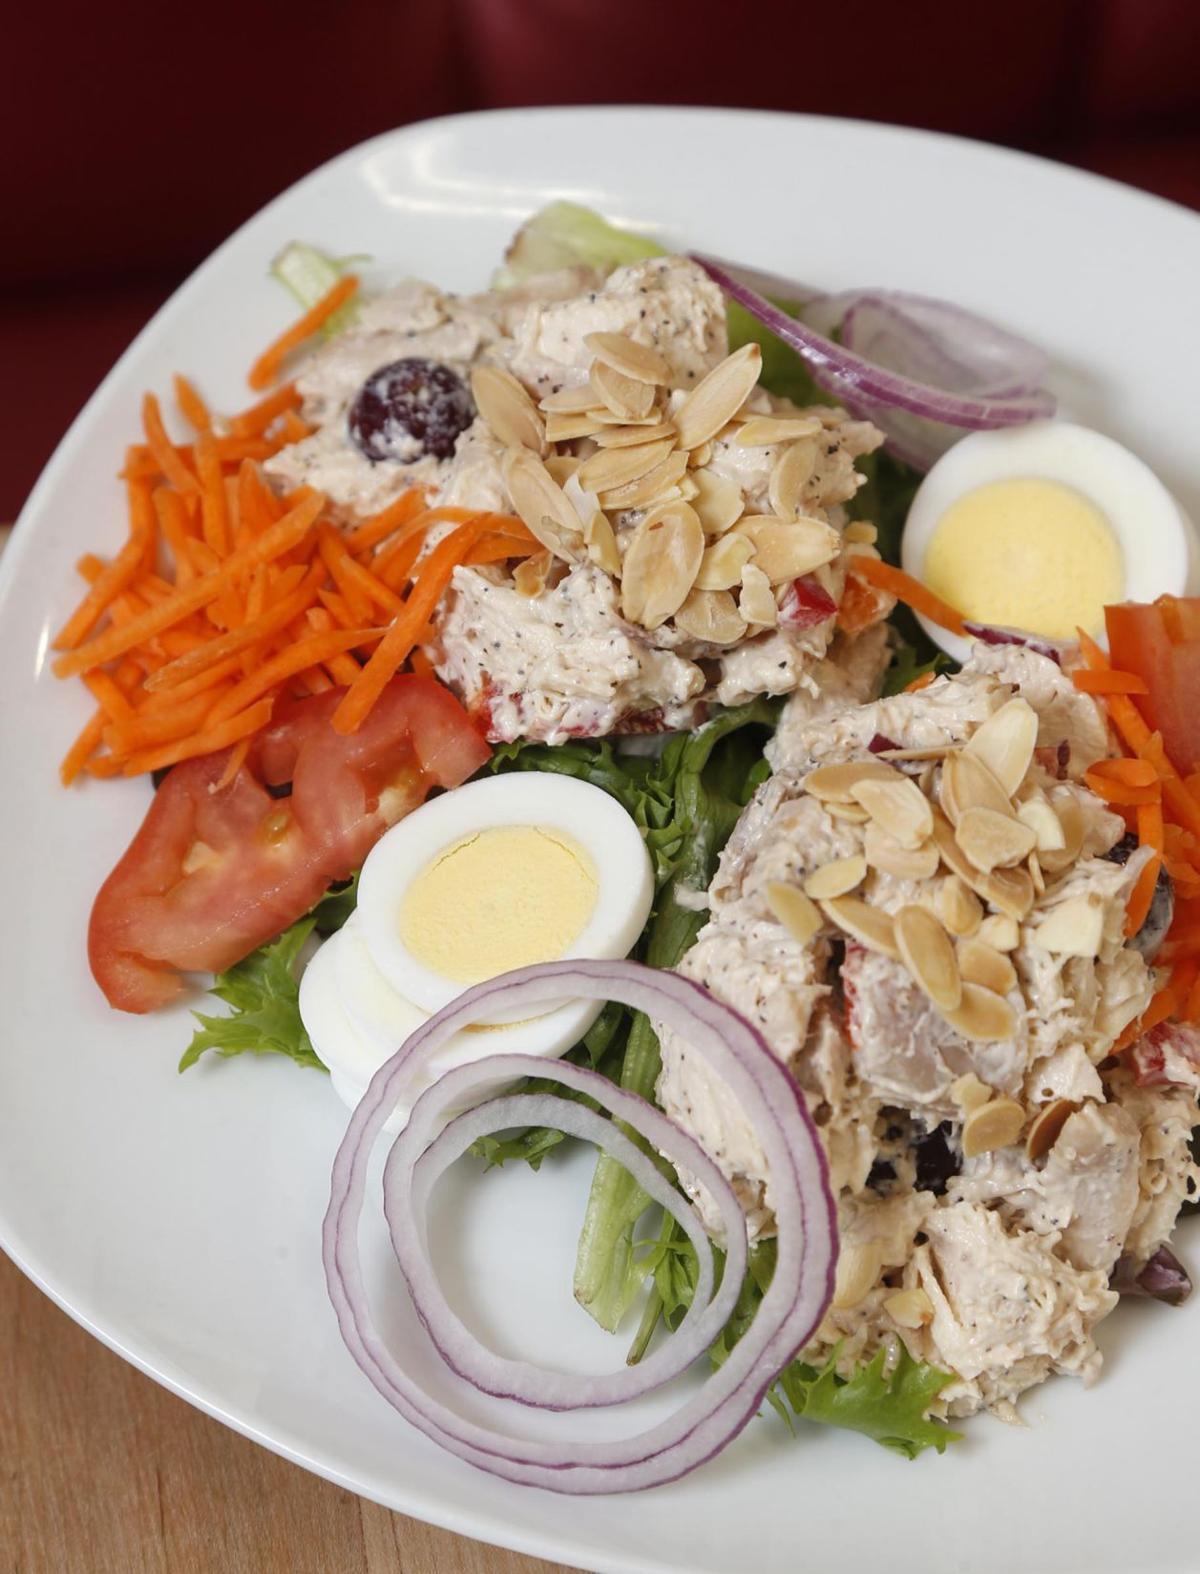 Ludger's chicken salad 2